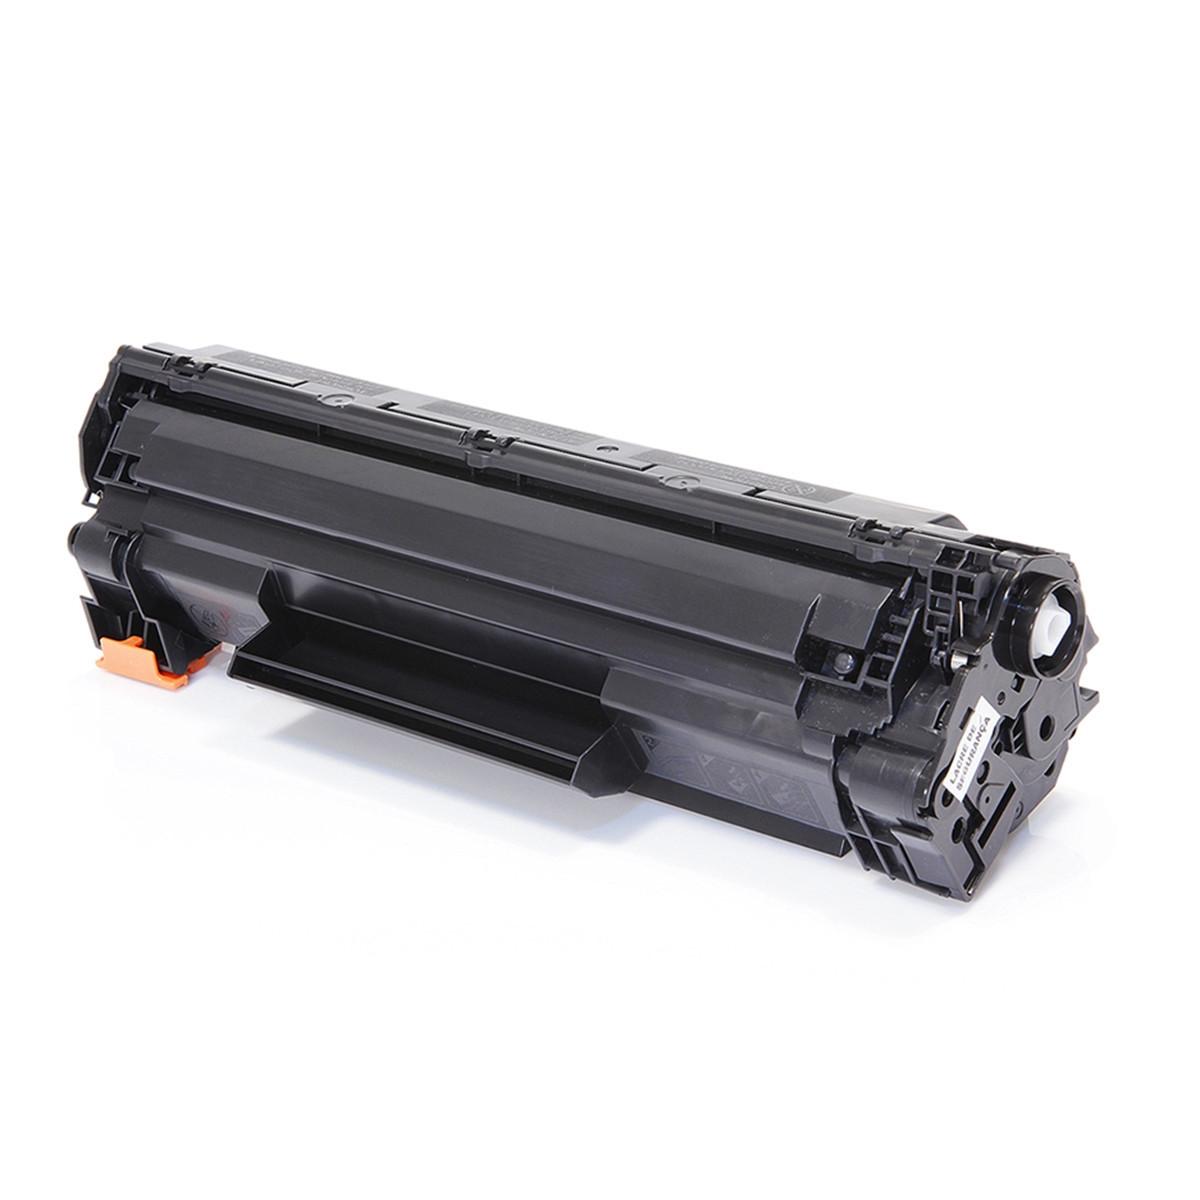 Toner Compatível com Canon 726 | I-SENSYS LBP 6200D | Premium 1.8k